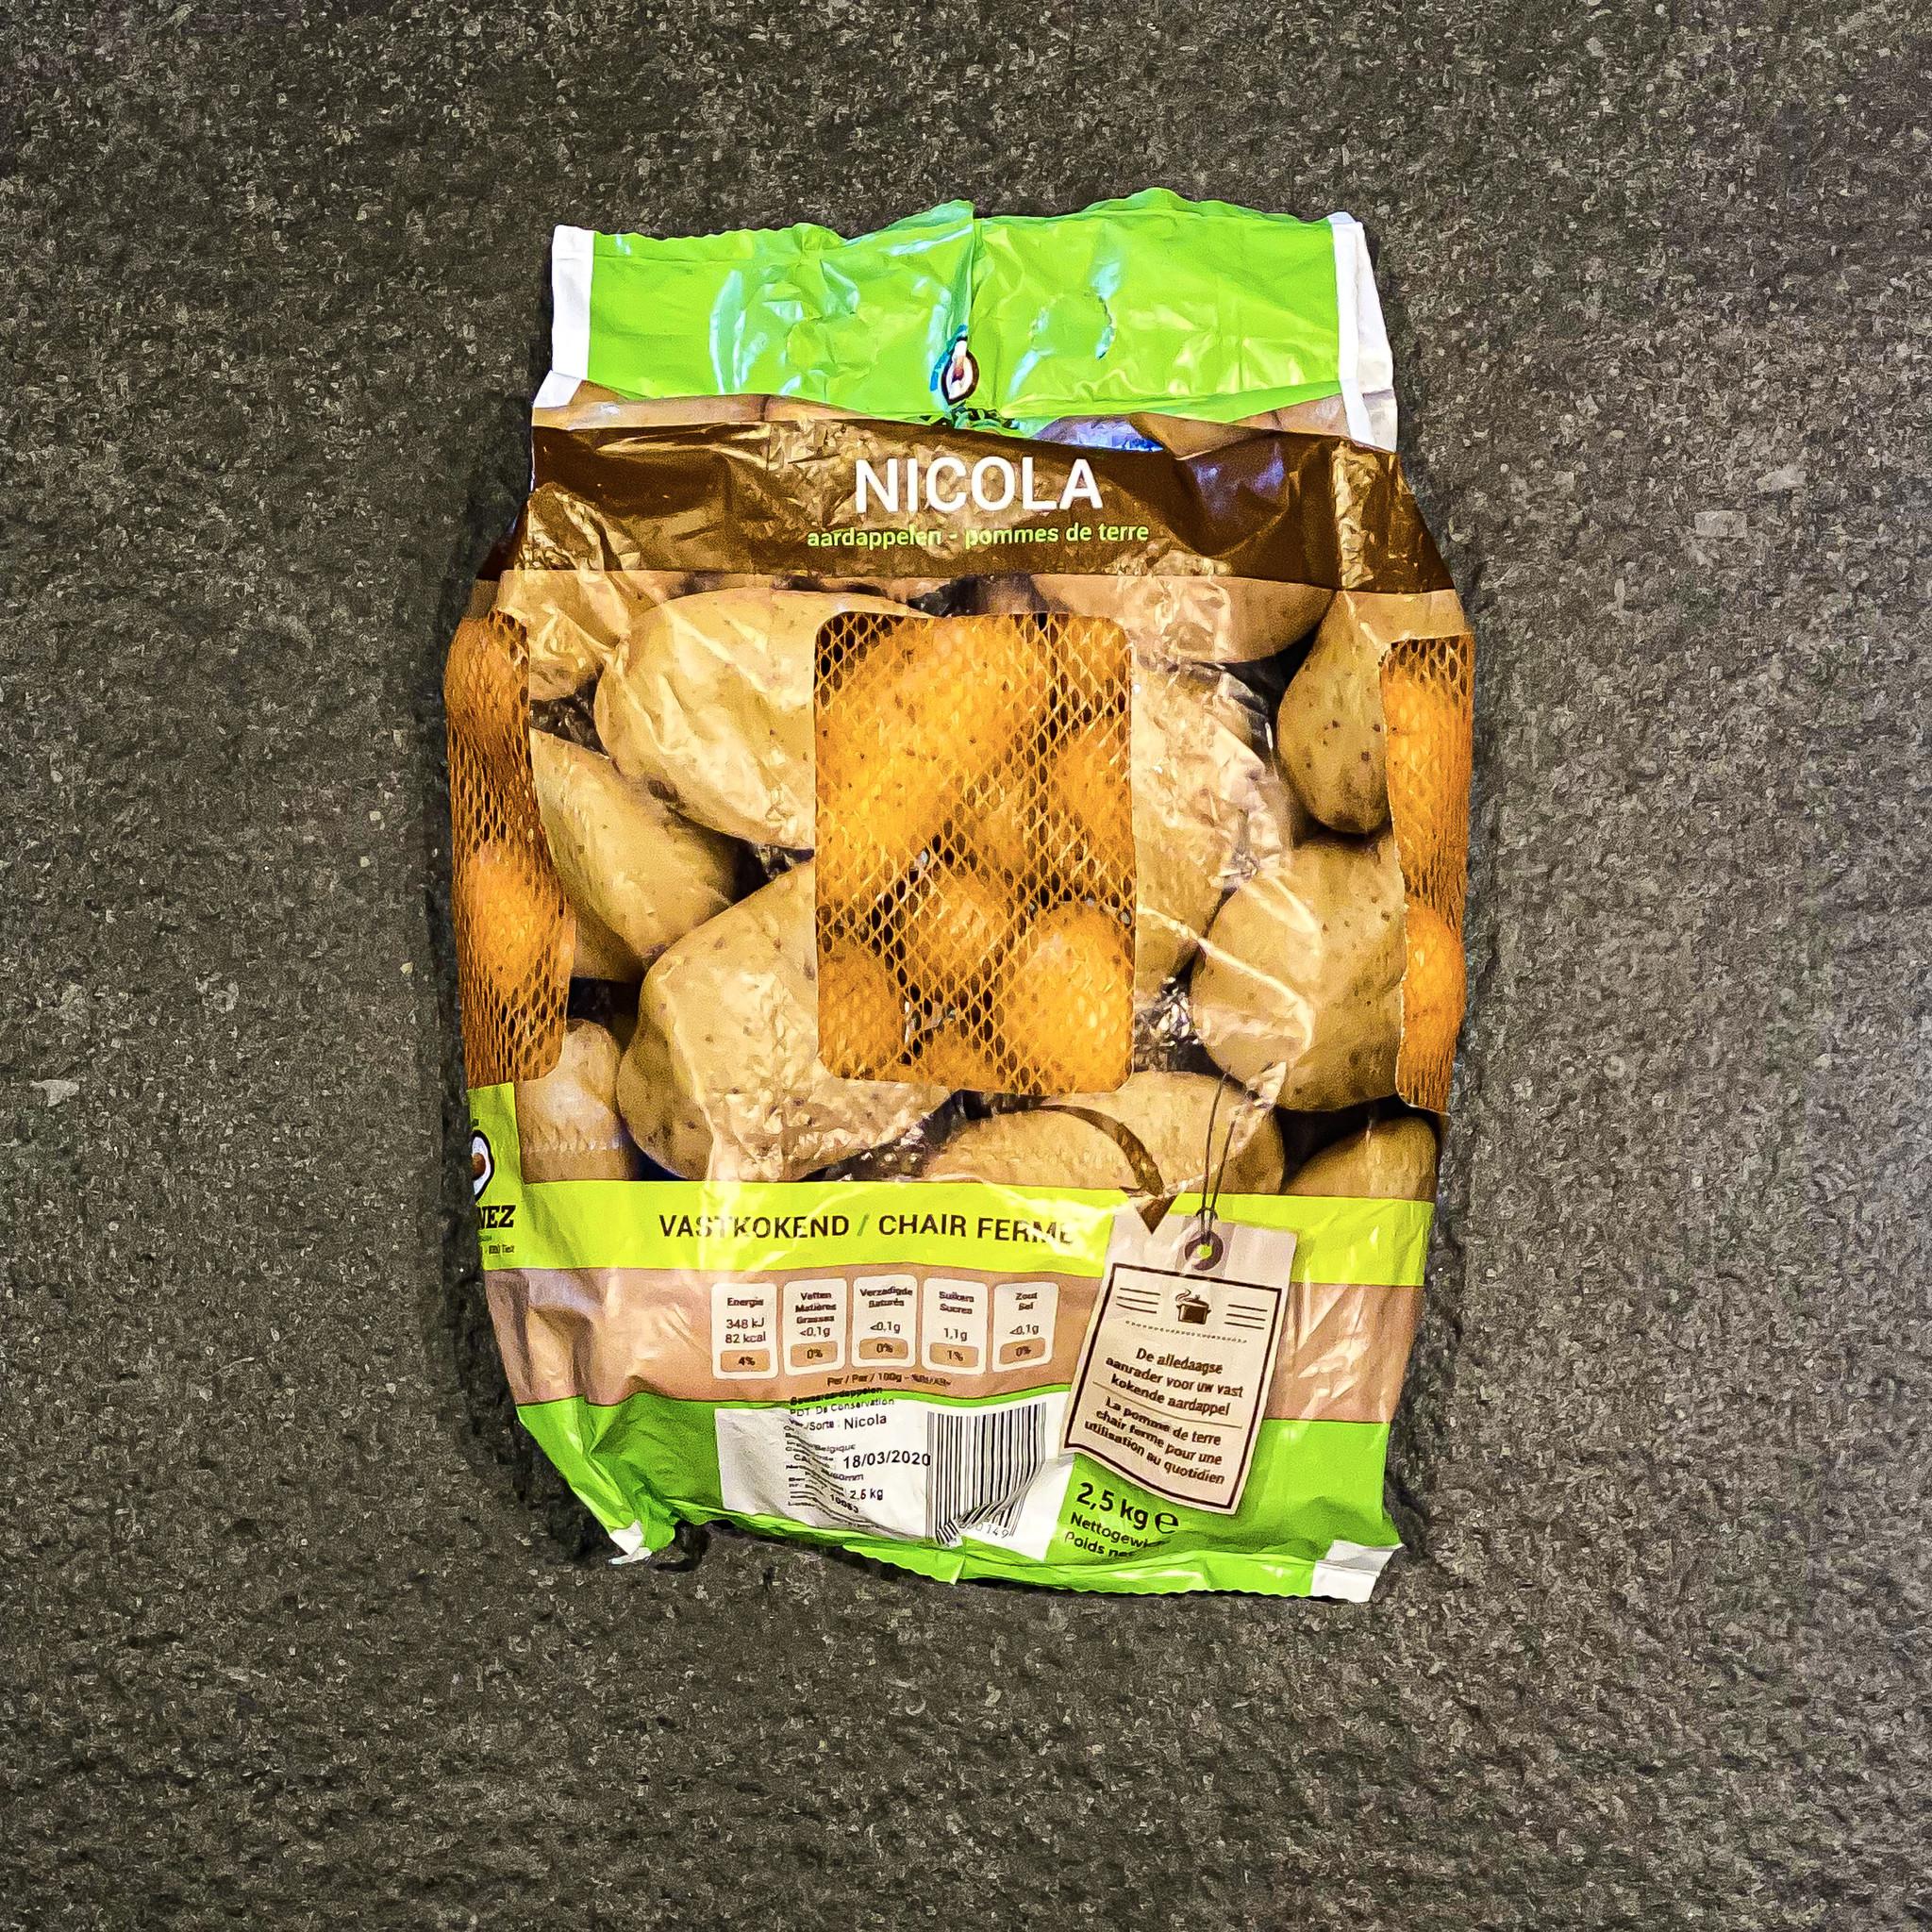 Aardappel nicola-1